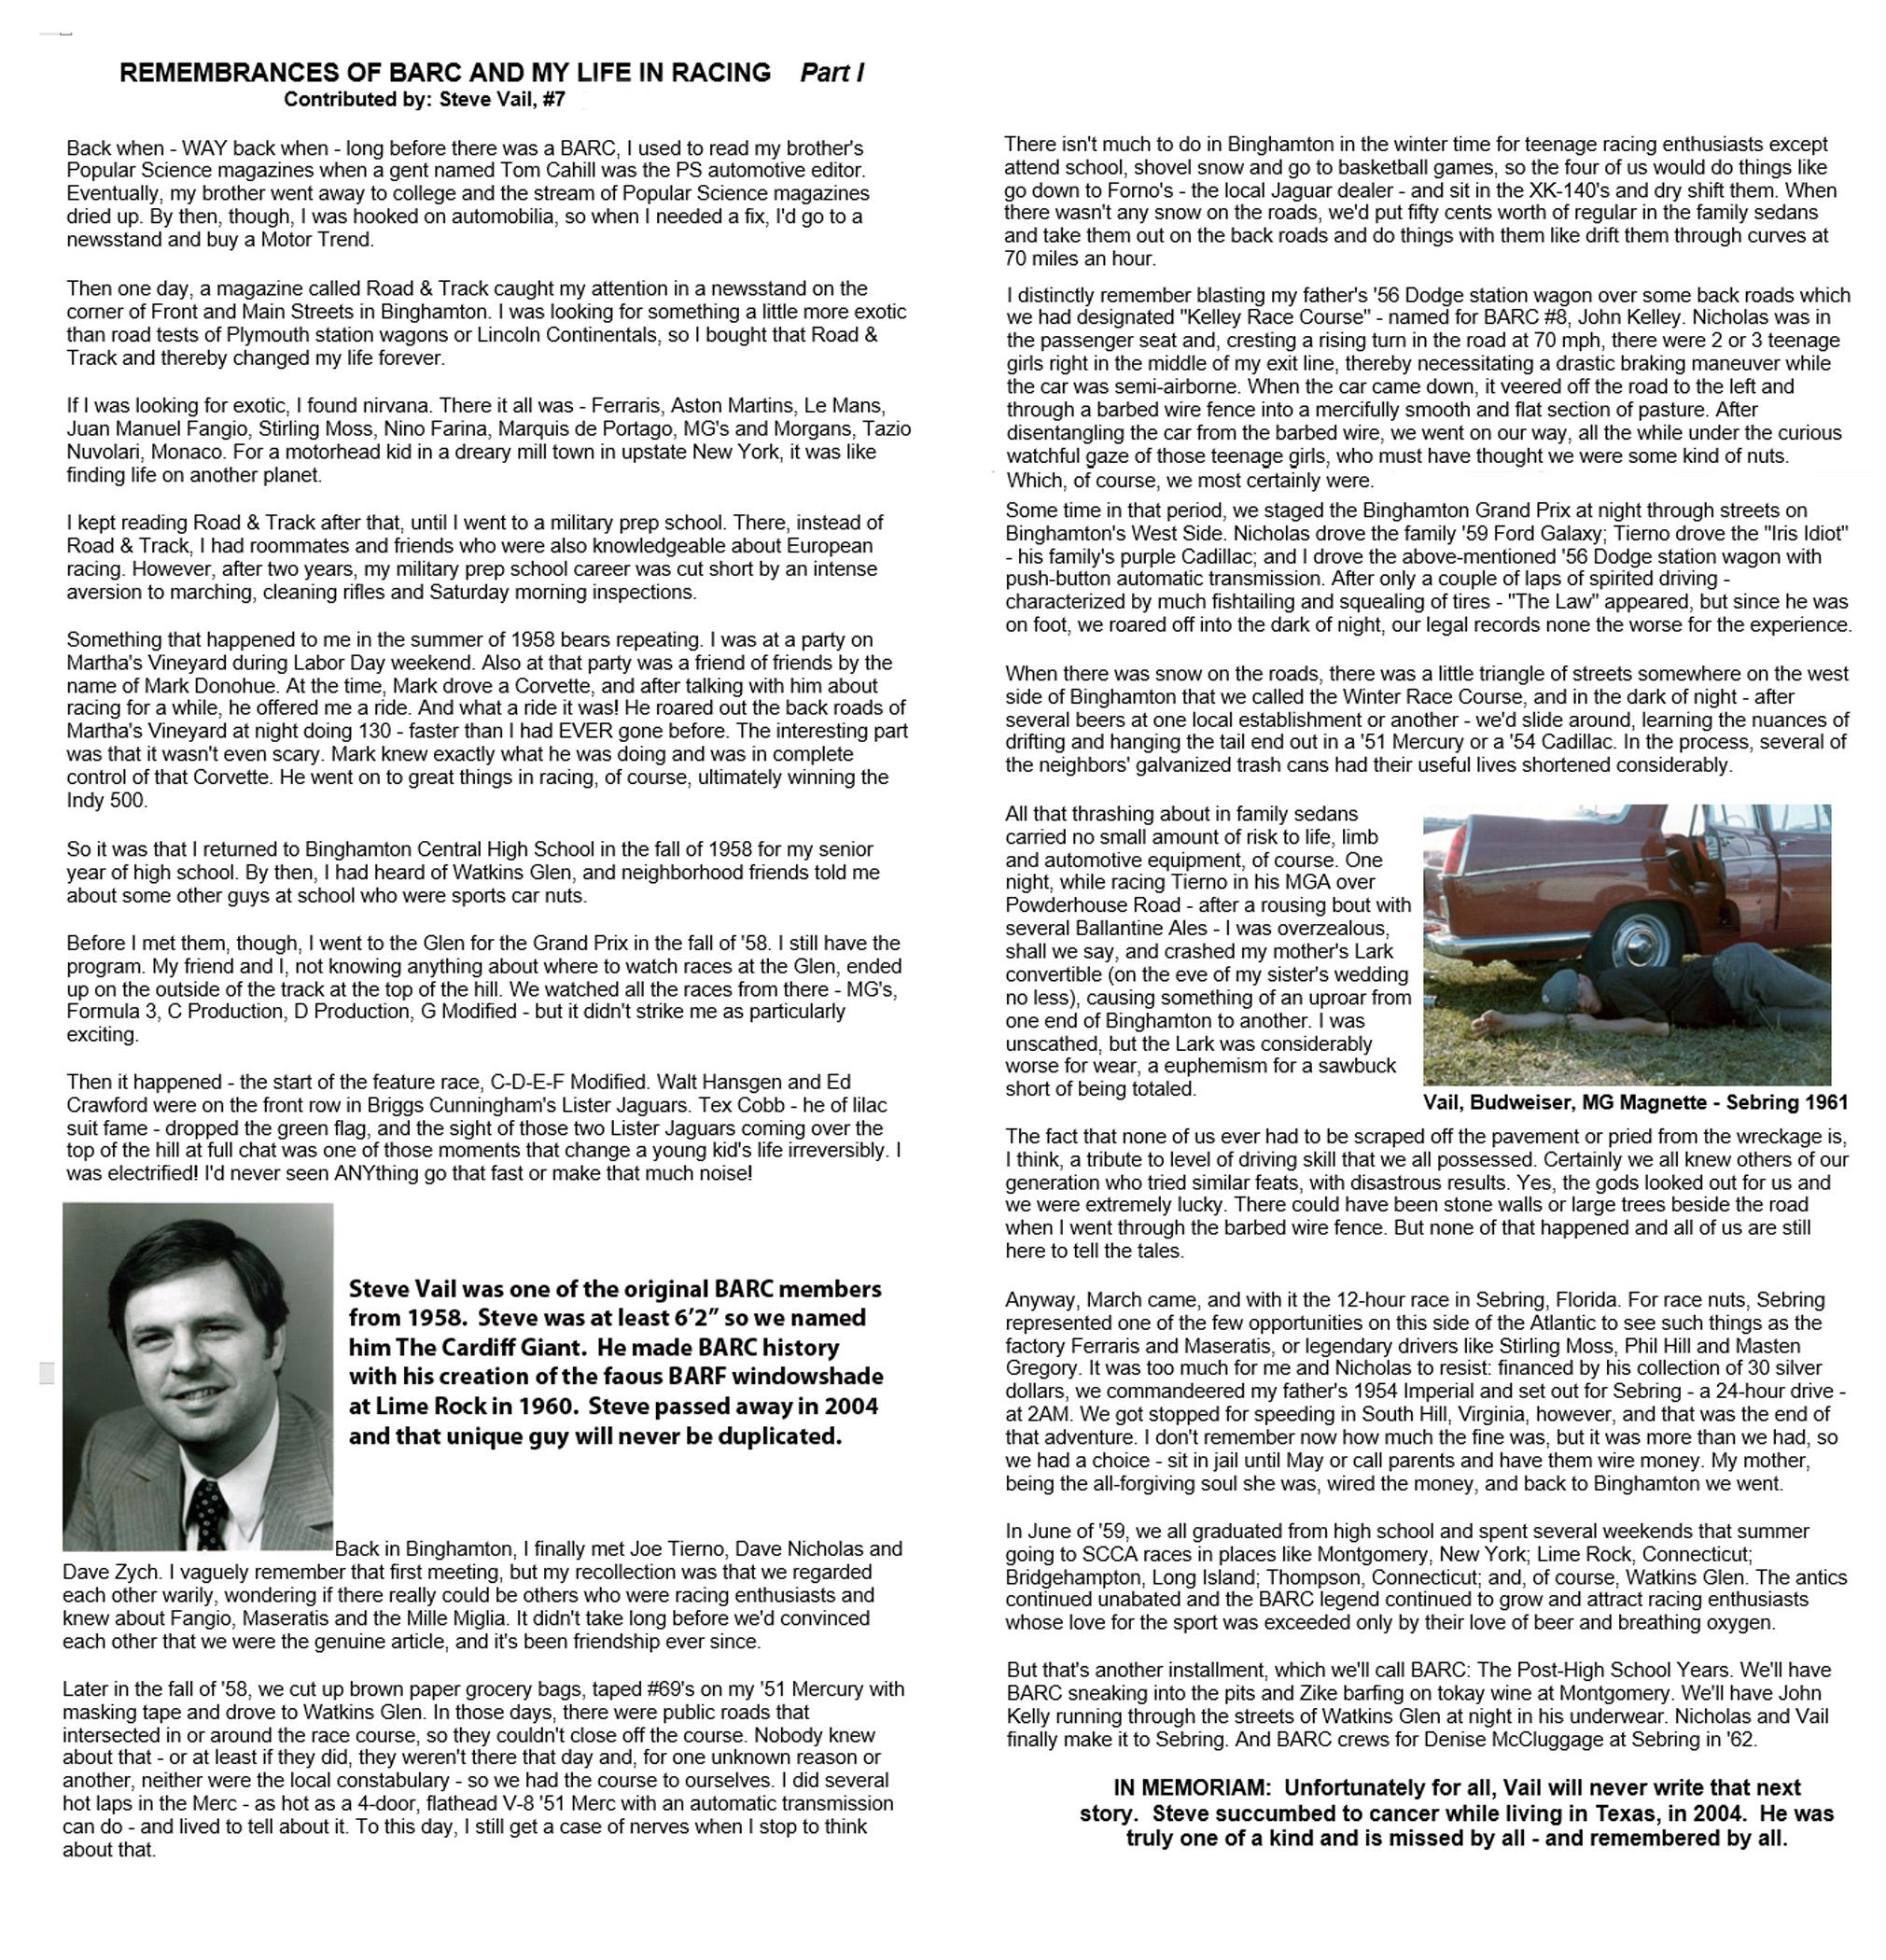 Steve Vail remebrances Web.jpg